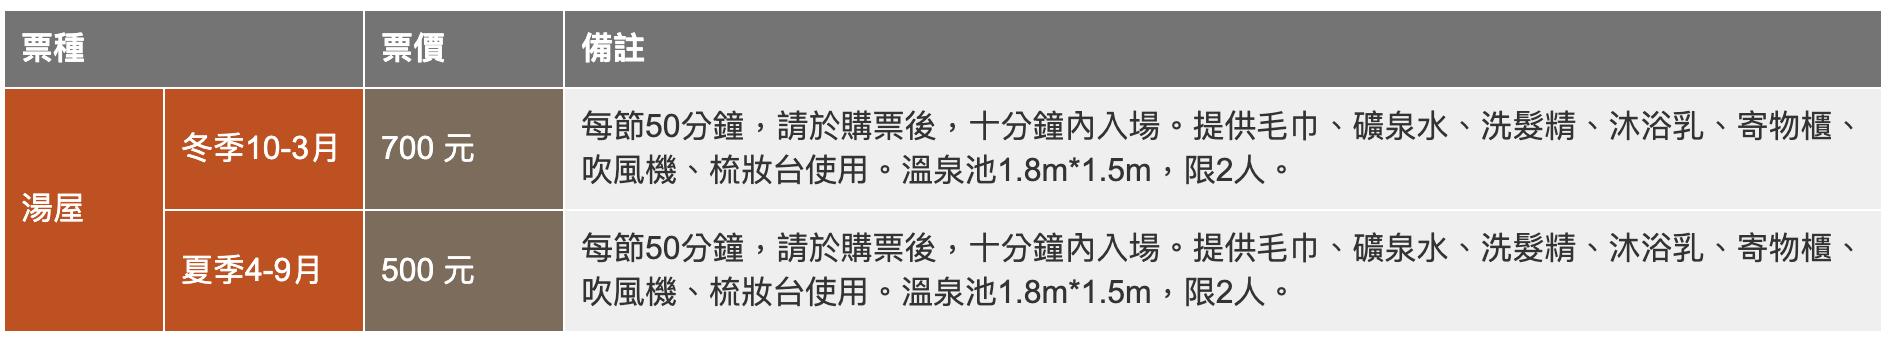 宜蘭-太平山國家森林遊樂區-台版冰島藍湖-全台唯一藍色溫泉-溫泉泡湯-美人湯-水療SPA-煮溫泉蛋-門票-交通-住宿推薦-懶人包-全攻略-一日遊-二日遊-家庭旅遊-情侶出遊-偽出國-IG打卡勝地